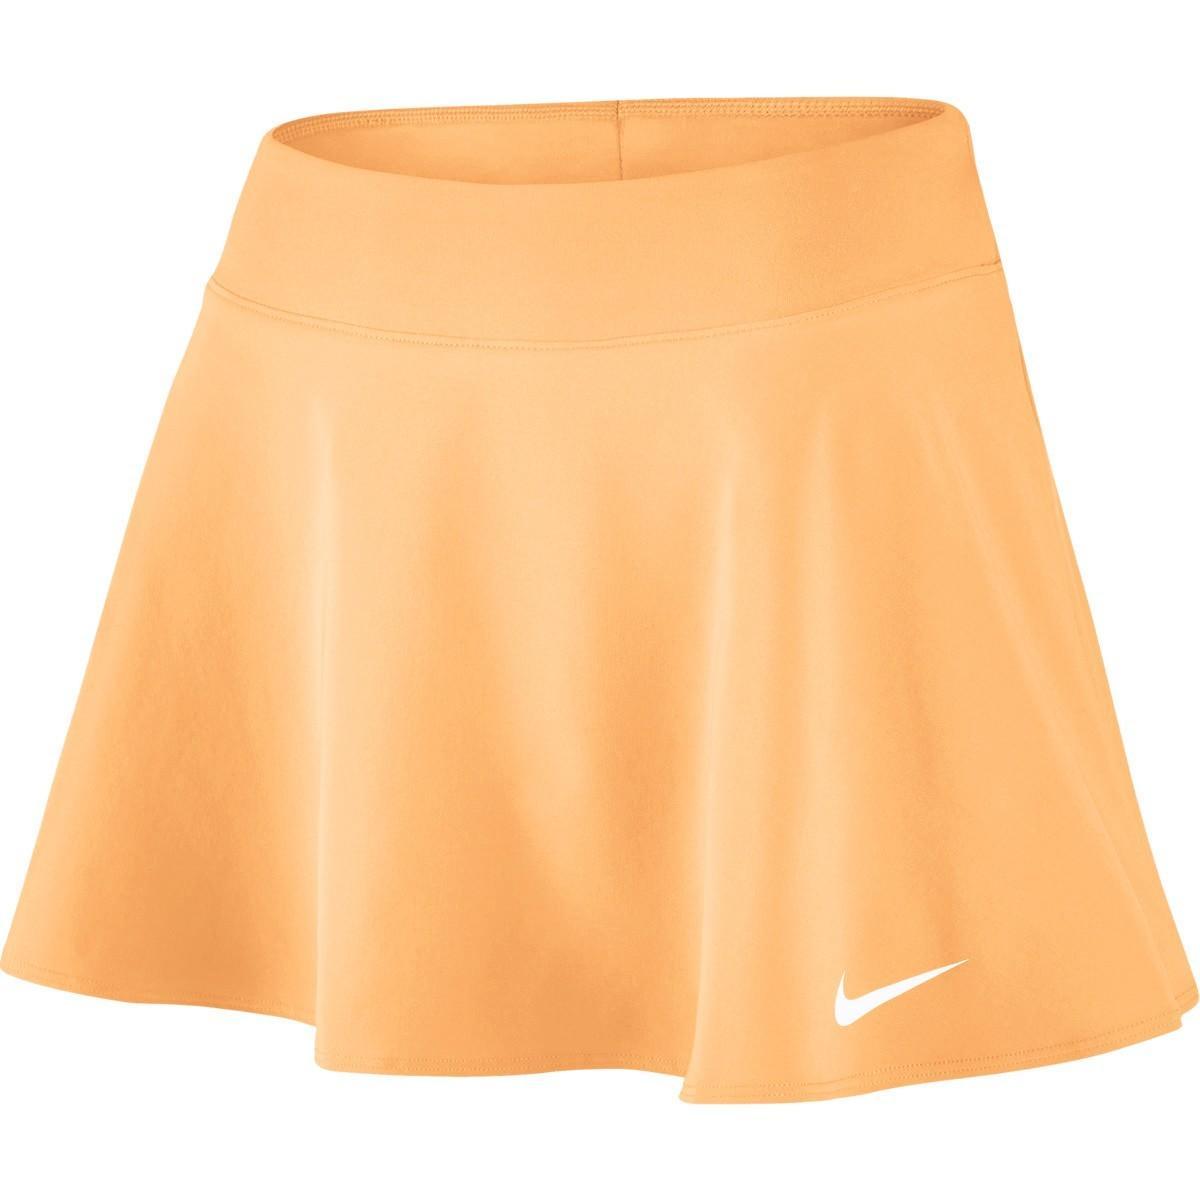 Теннисная юбка женская Nike Court FLX Pure Skirt Flouncy tangerine tint